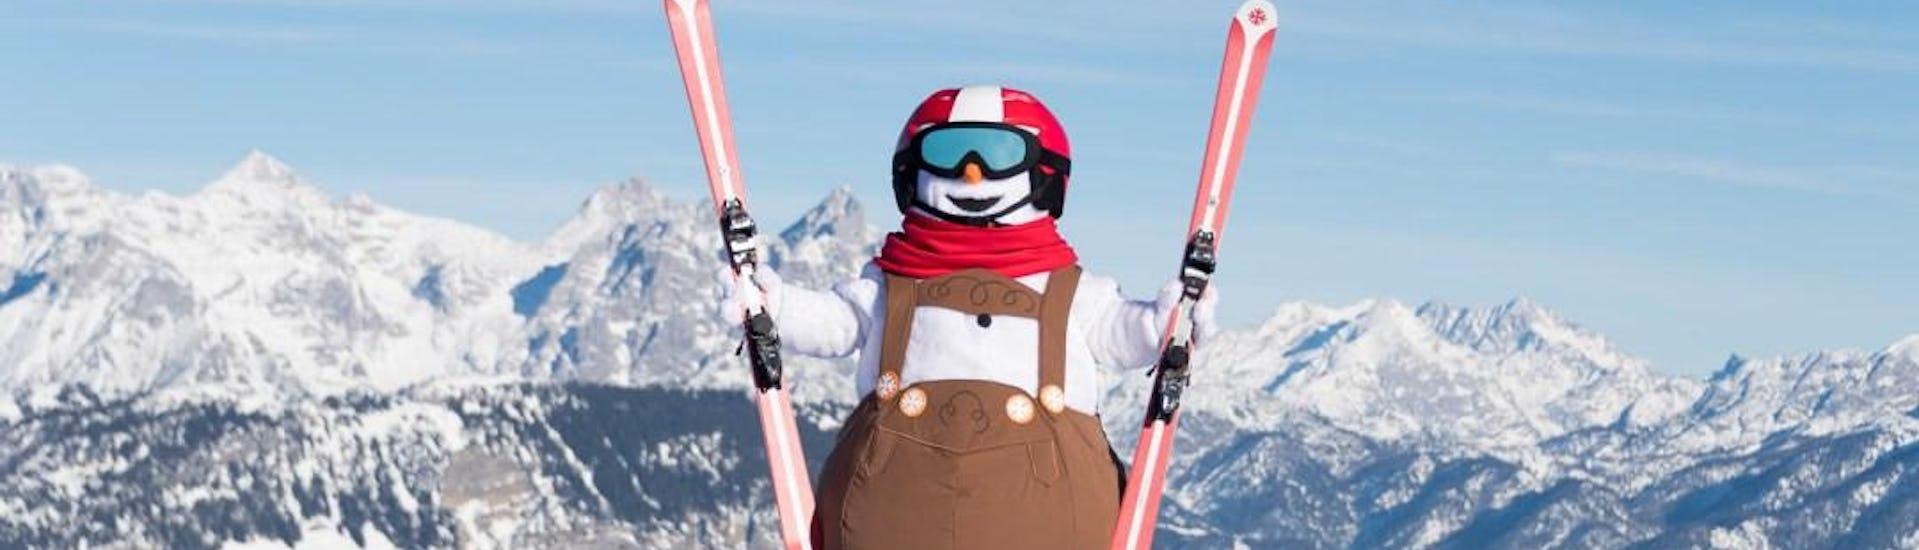 """""""Valles"""" Ski Lessons for Kids (3-14 Years) - Beginner"""